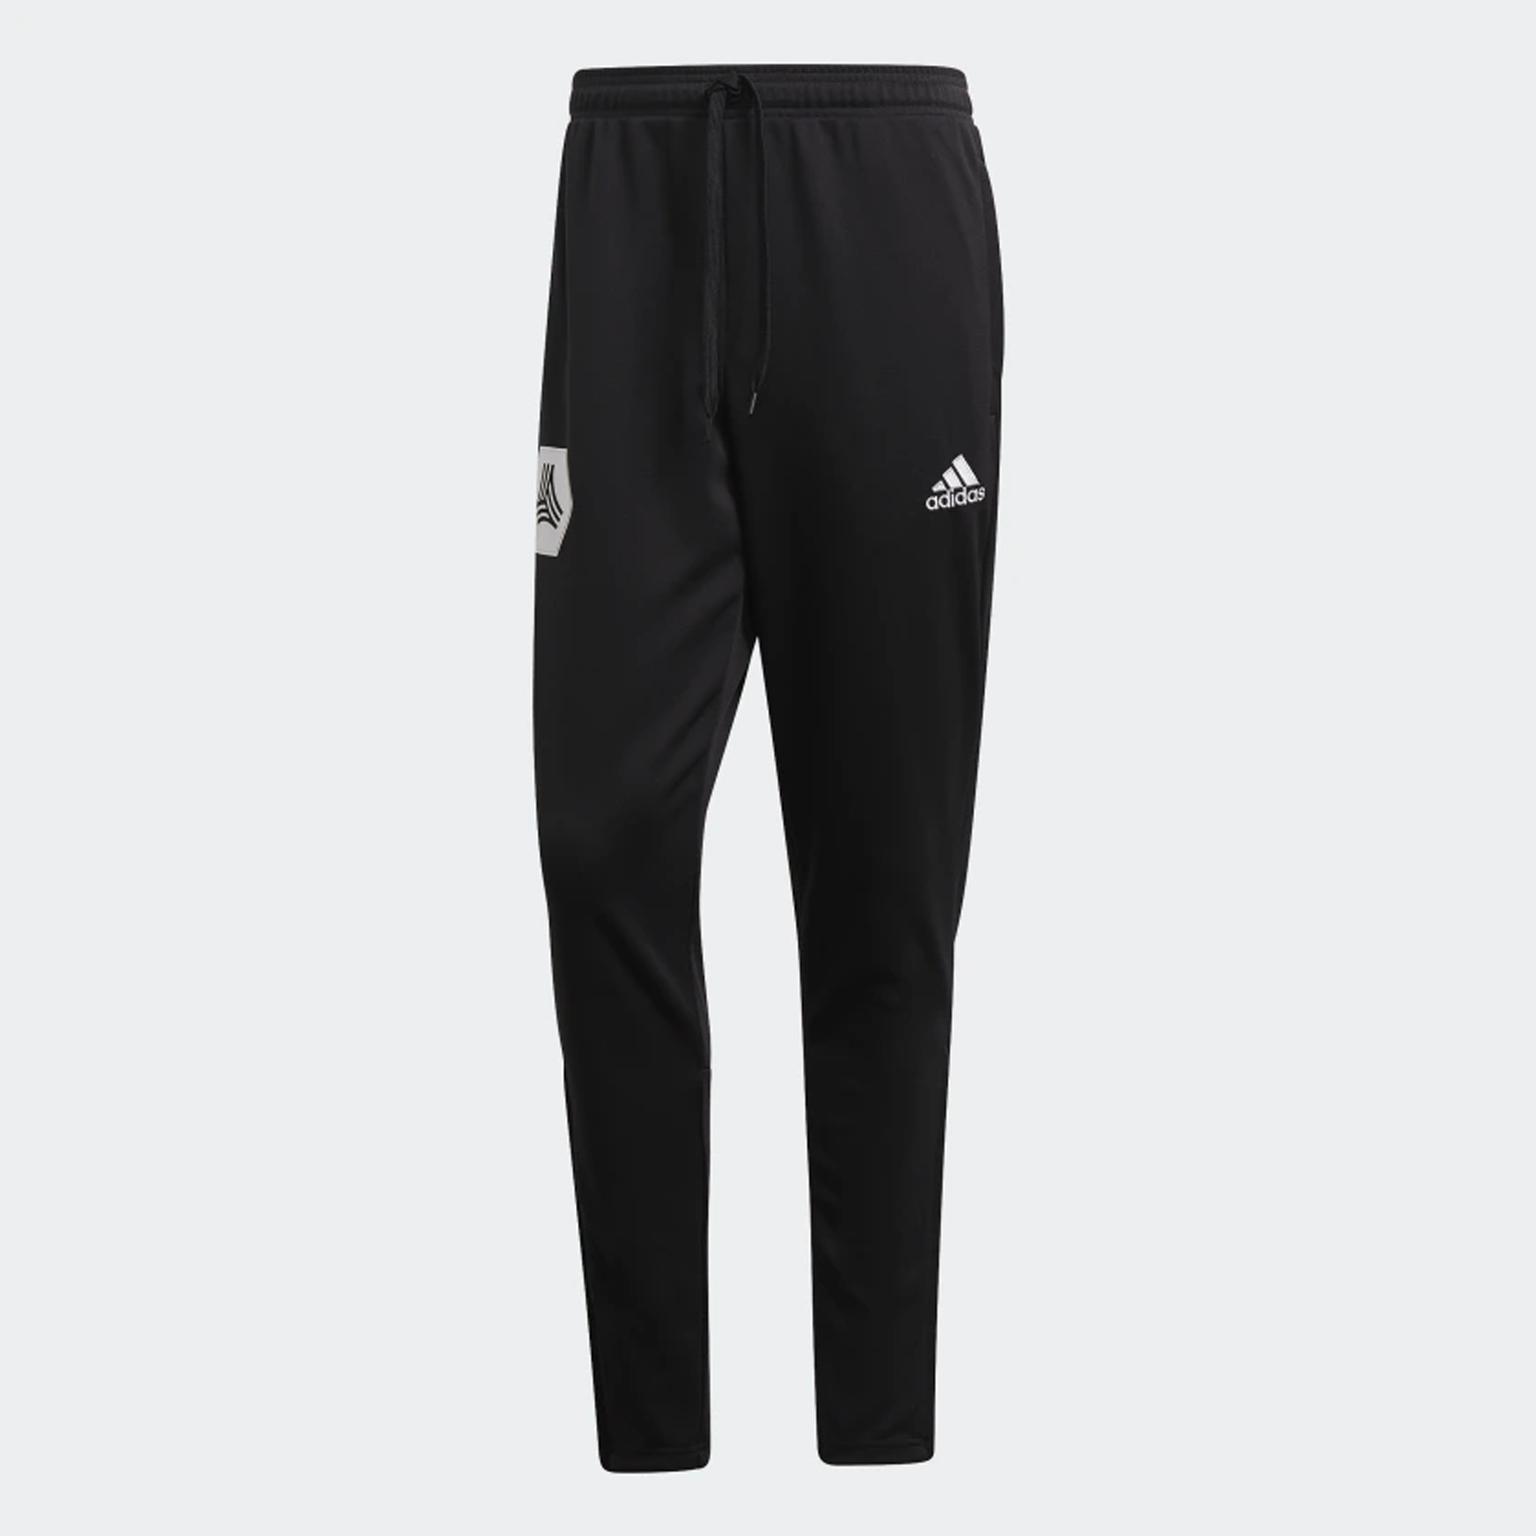 Брюки тренировочные Adidas Tan Pant FM0887 цена